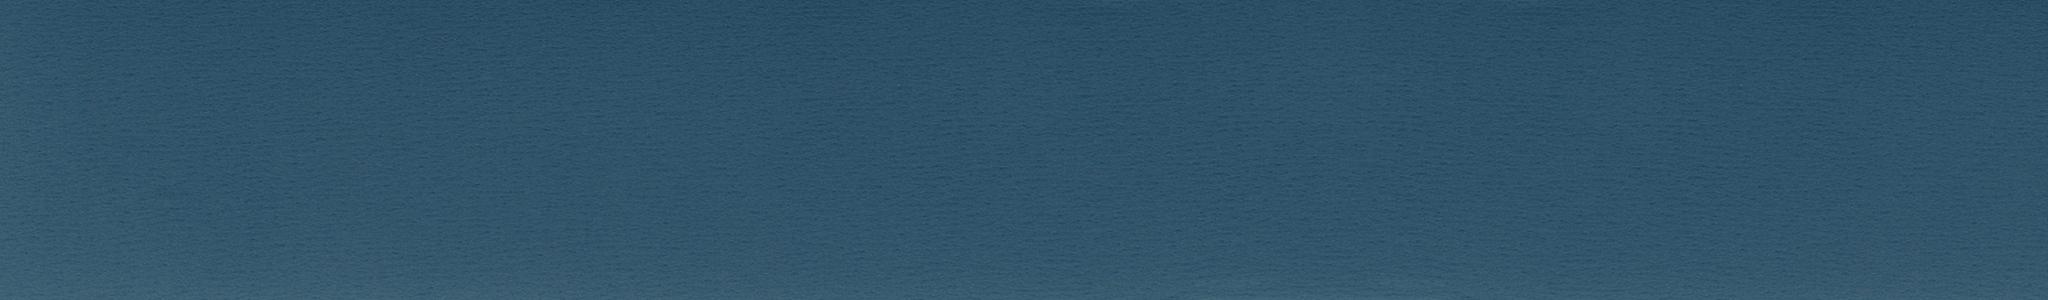 HU 15636 ABS hrana modrá hladká mat